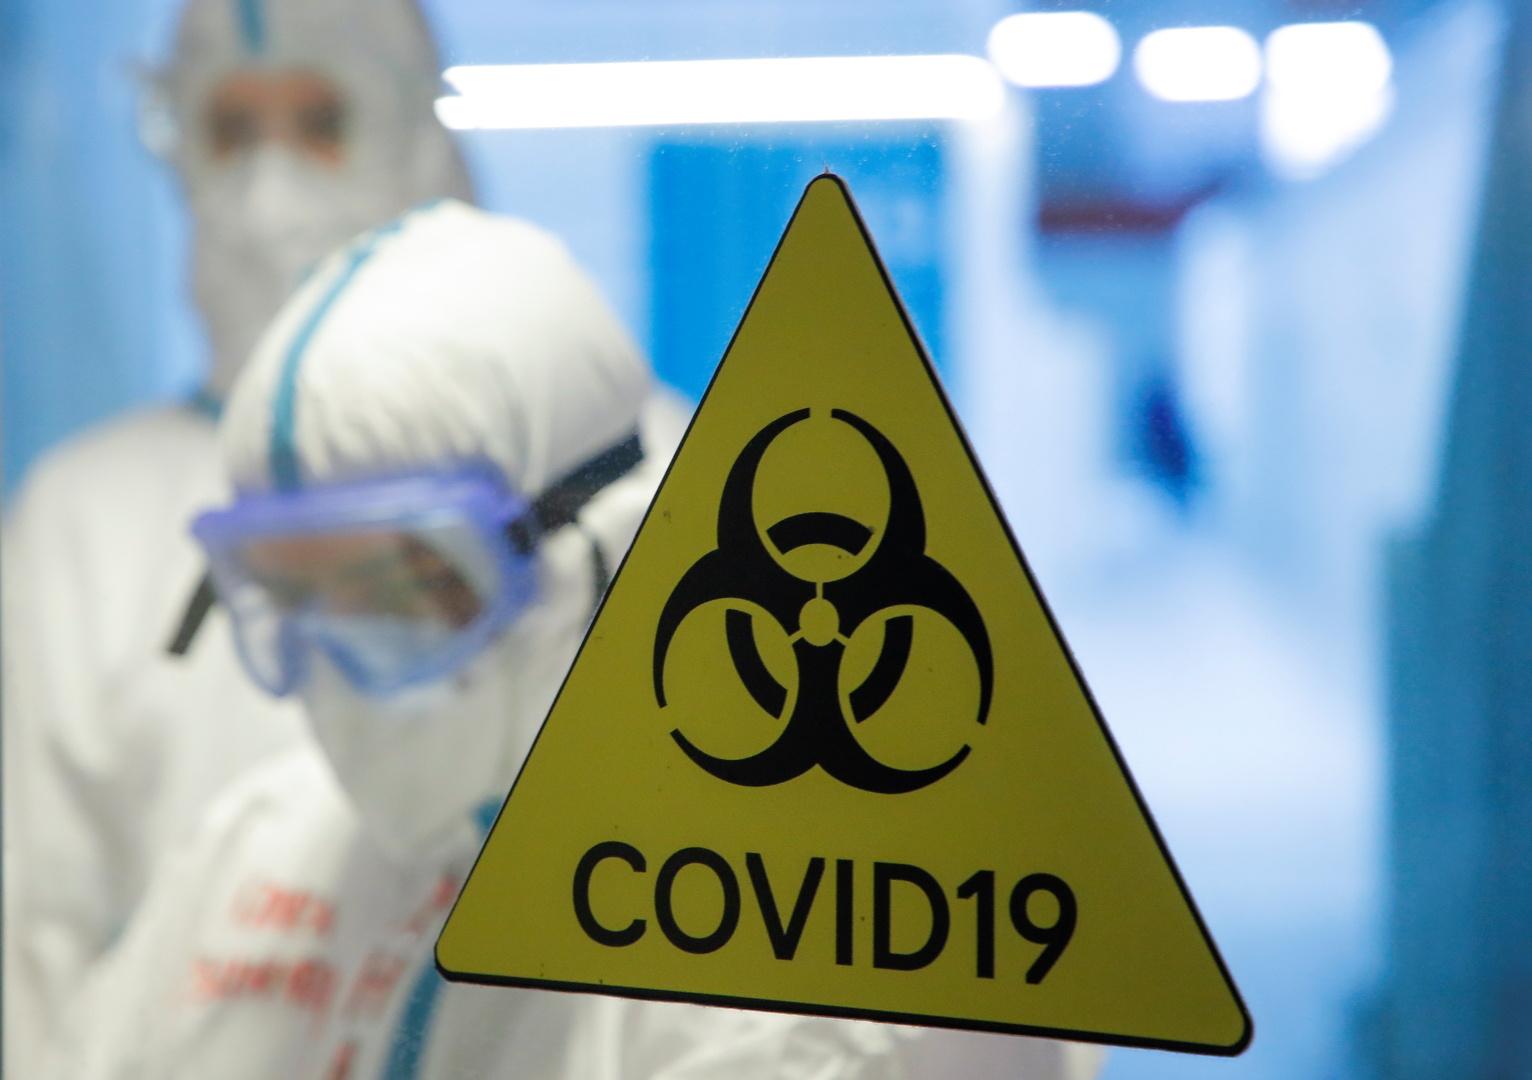 روسيا.. 21650 إصابة جديدة بفيروس كورونا وأكثر من 600 حالة وفاة